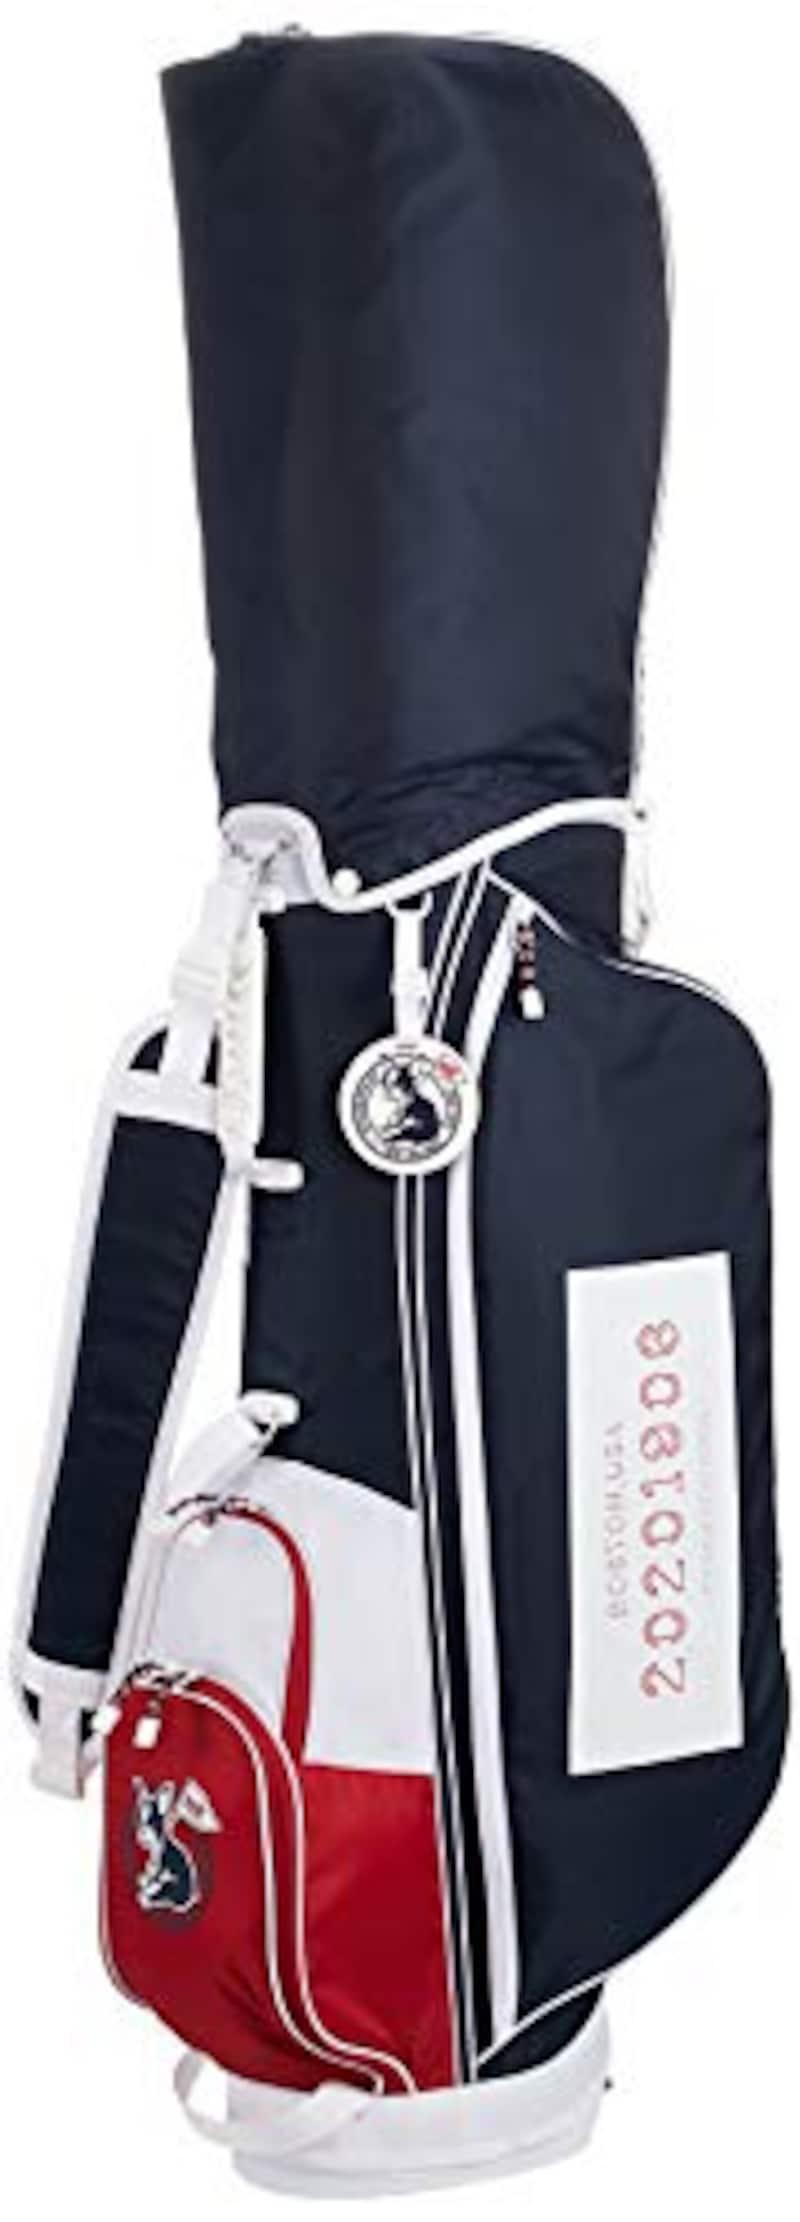 New Balance Golf(ニューバランスゴルフ),キャディバッグ ボストンテリアシリーズ